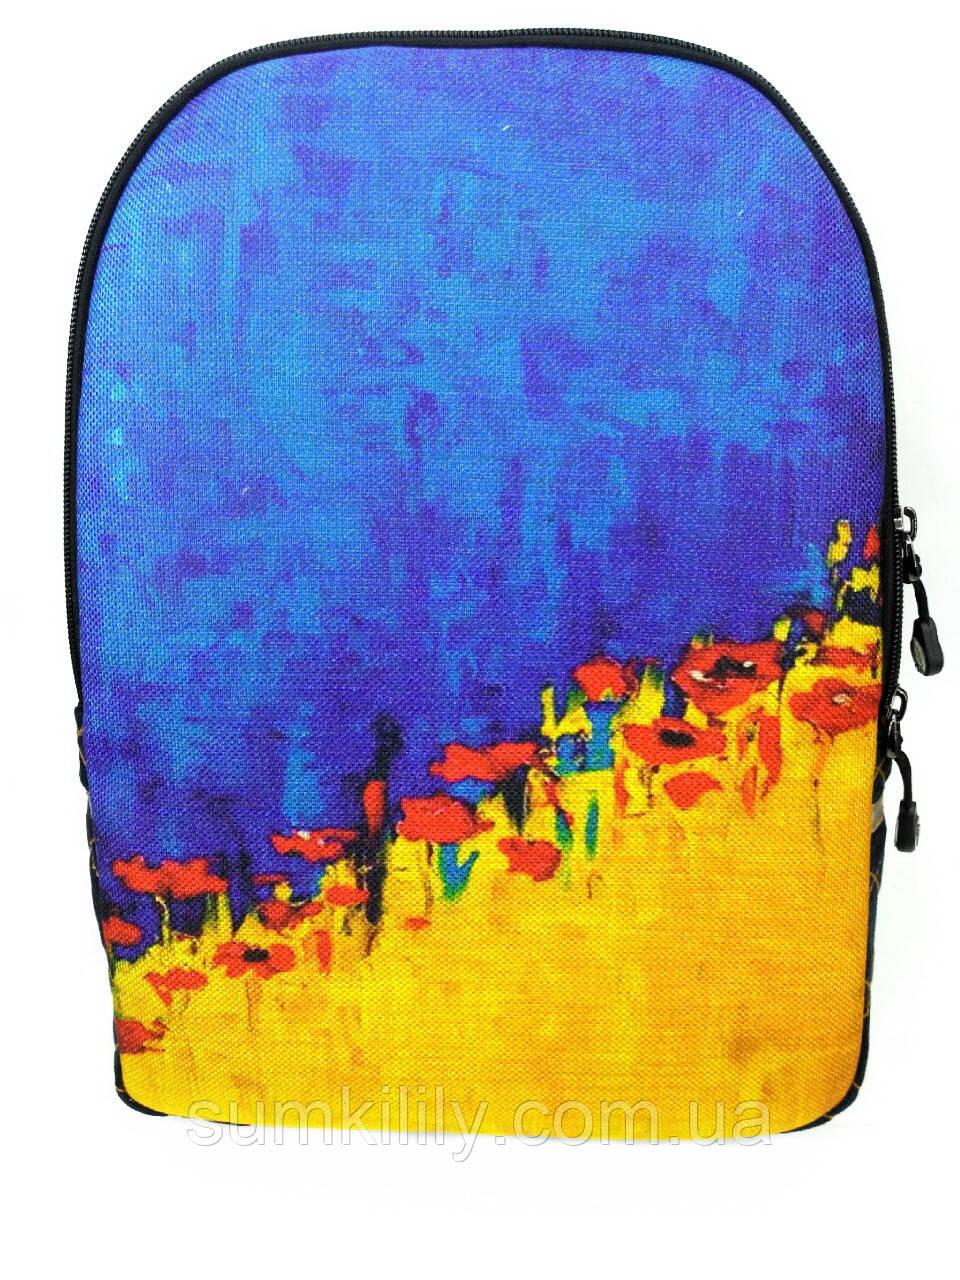 Джинсовый рюкзак Я УКРАЇНА, фото 1